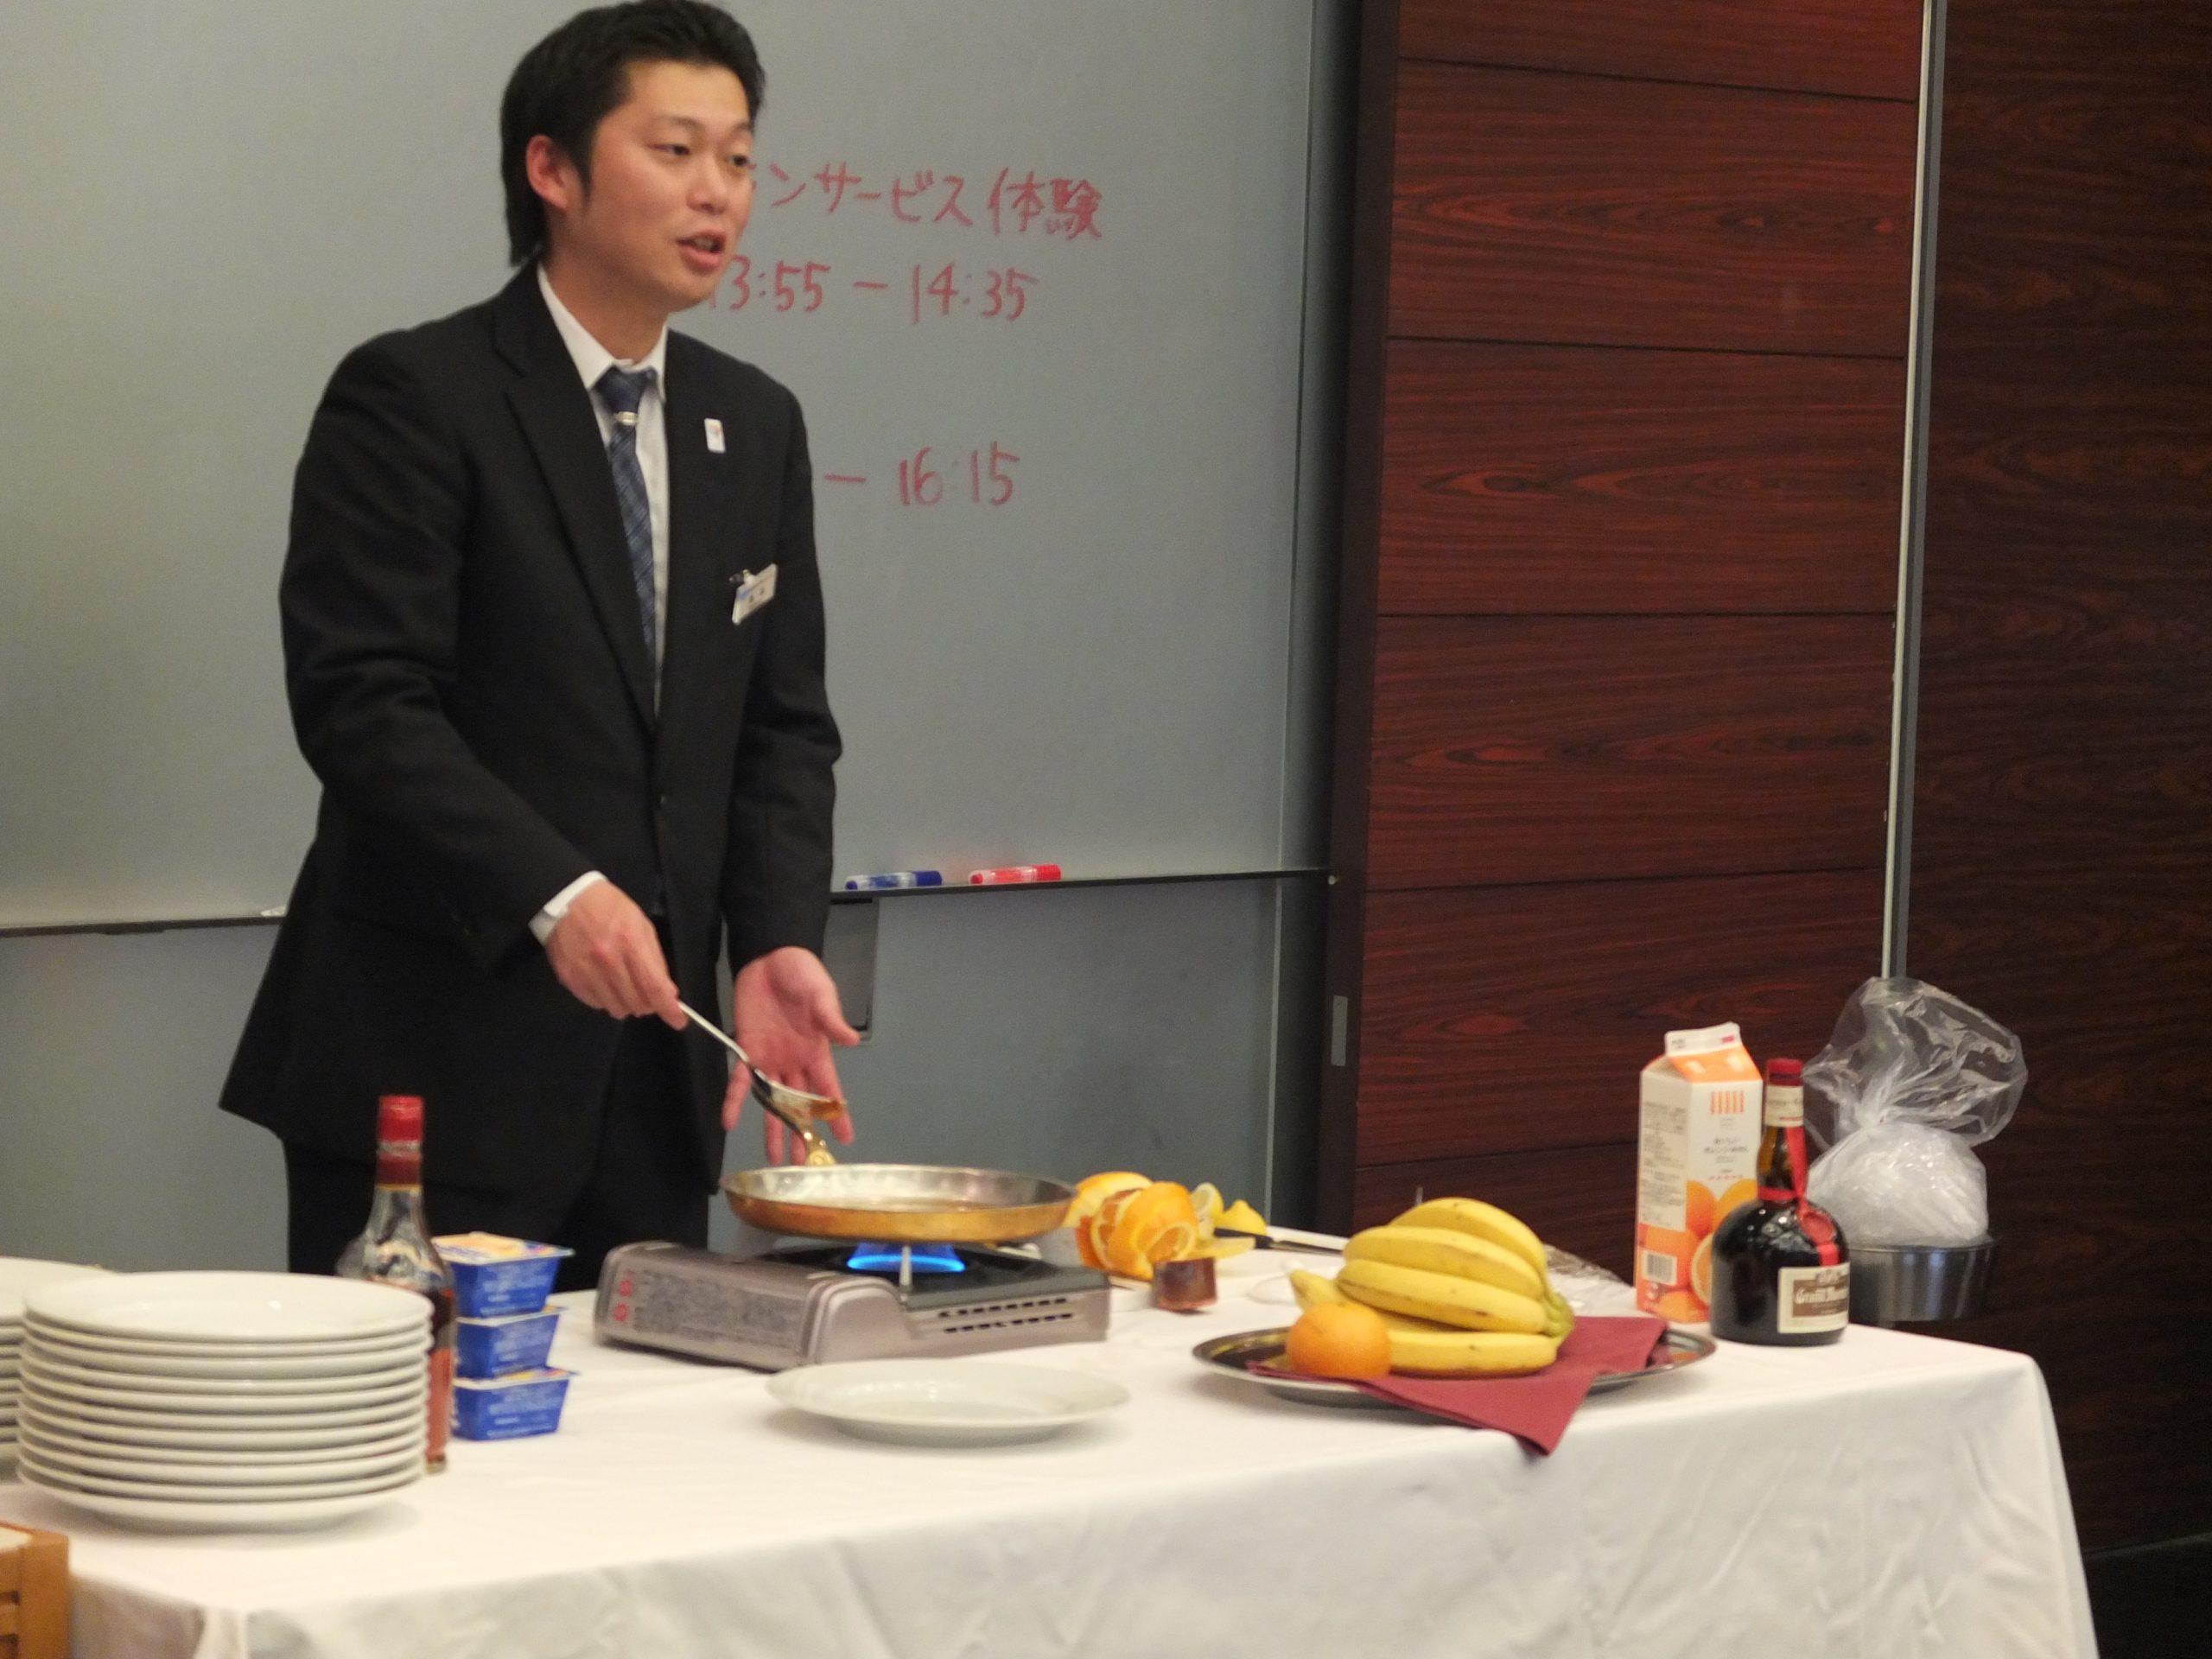 和食の授業のみならず、レストランサービス全般を担当しています